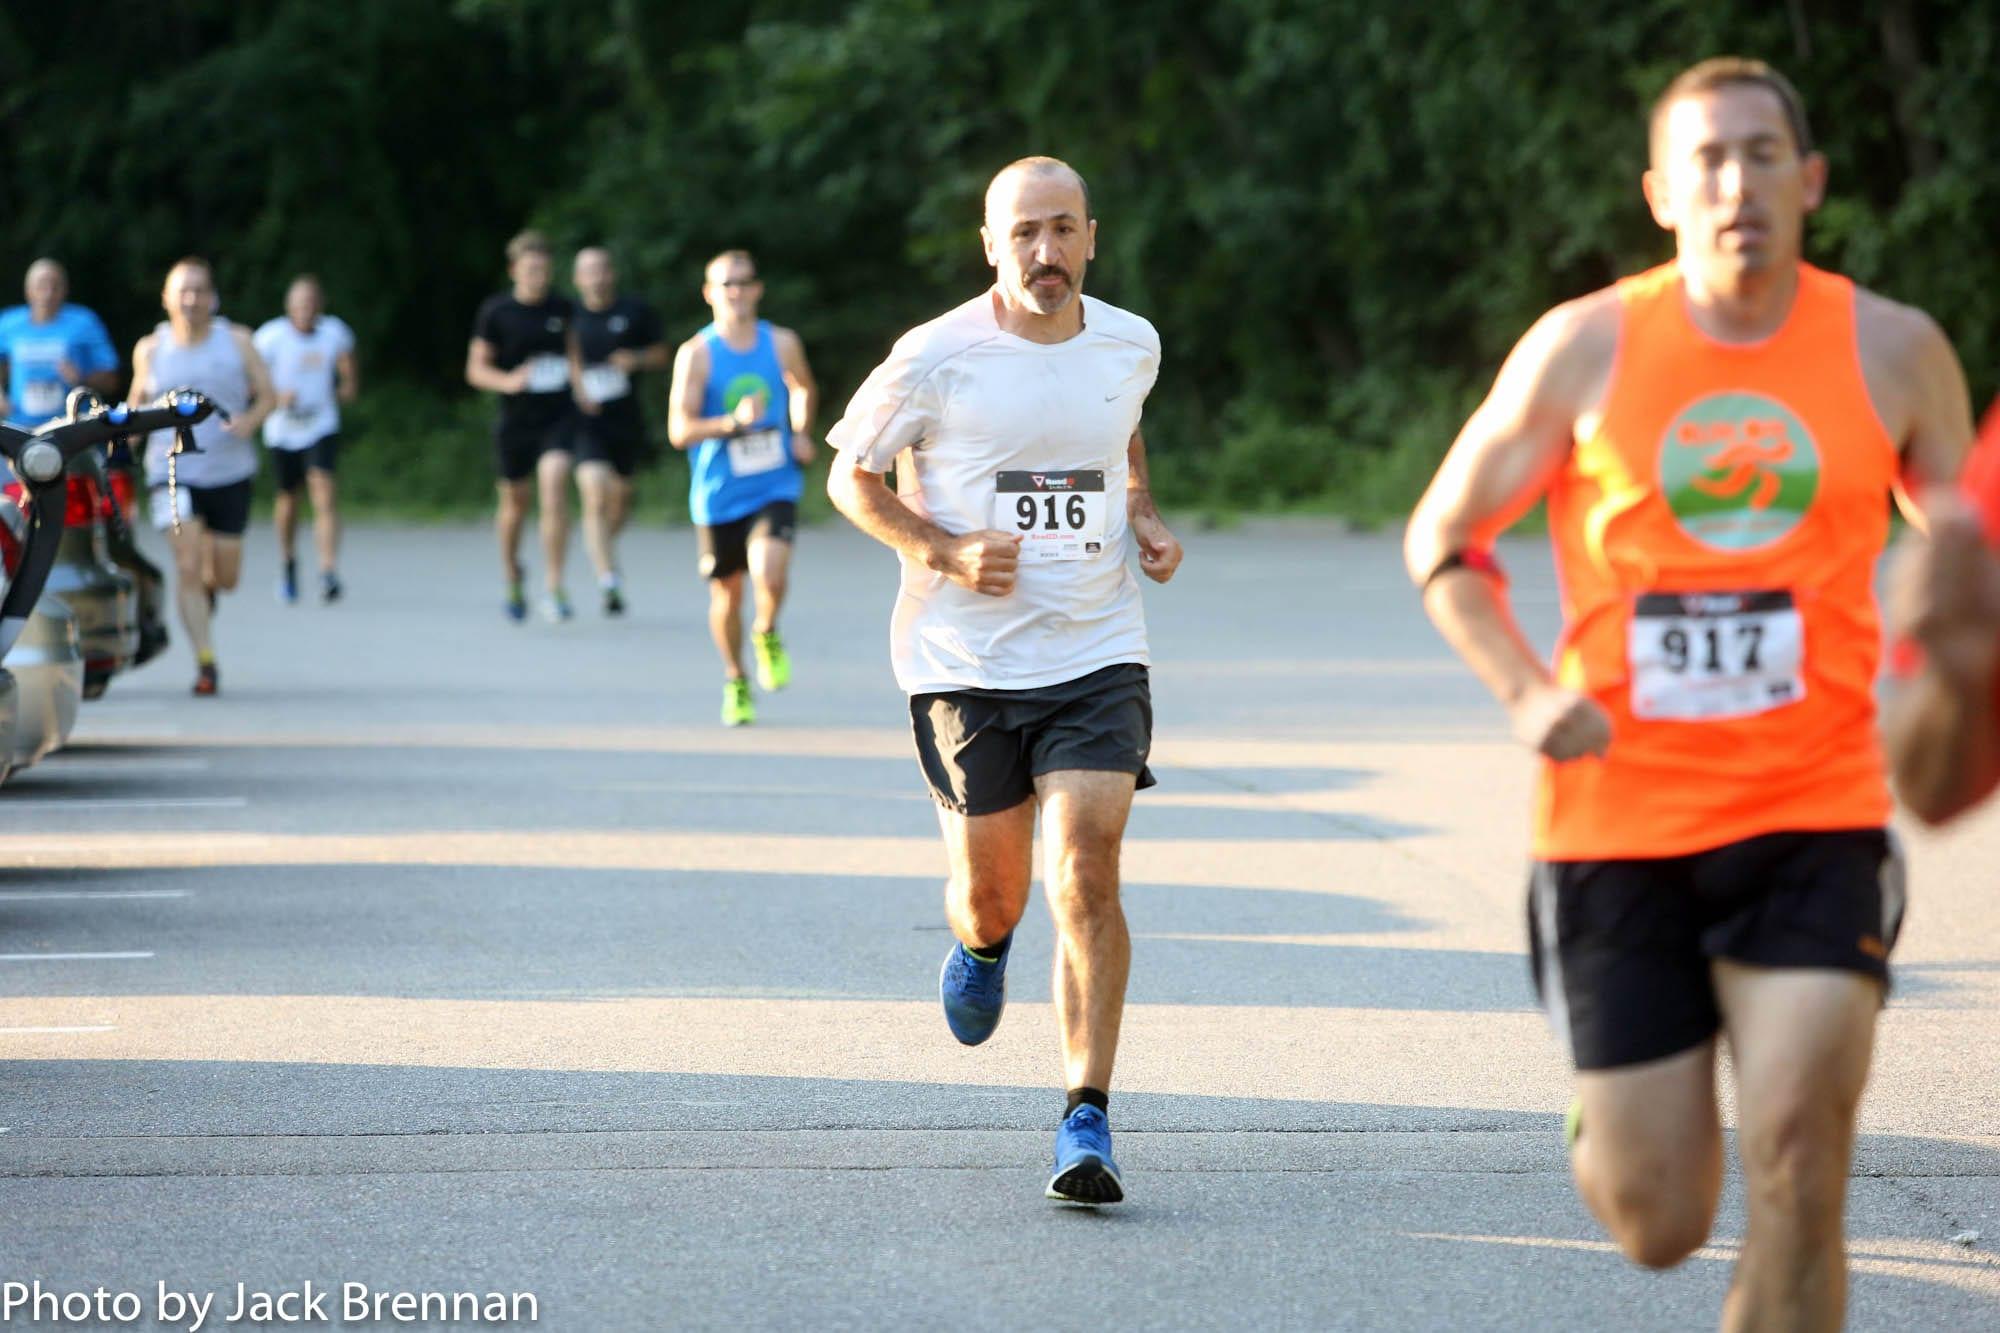 014 - Putnam County Classic 2016 Taconic Road Runners - BA3A0334